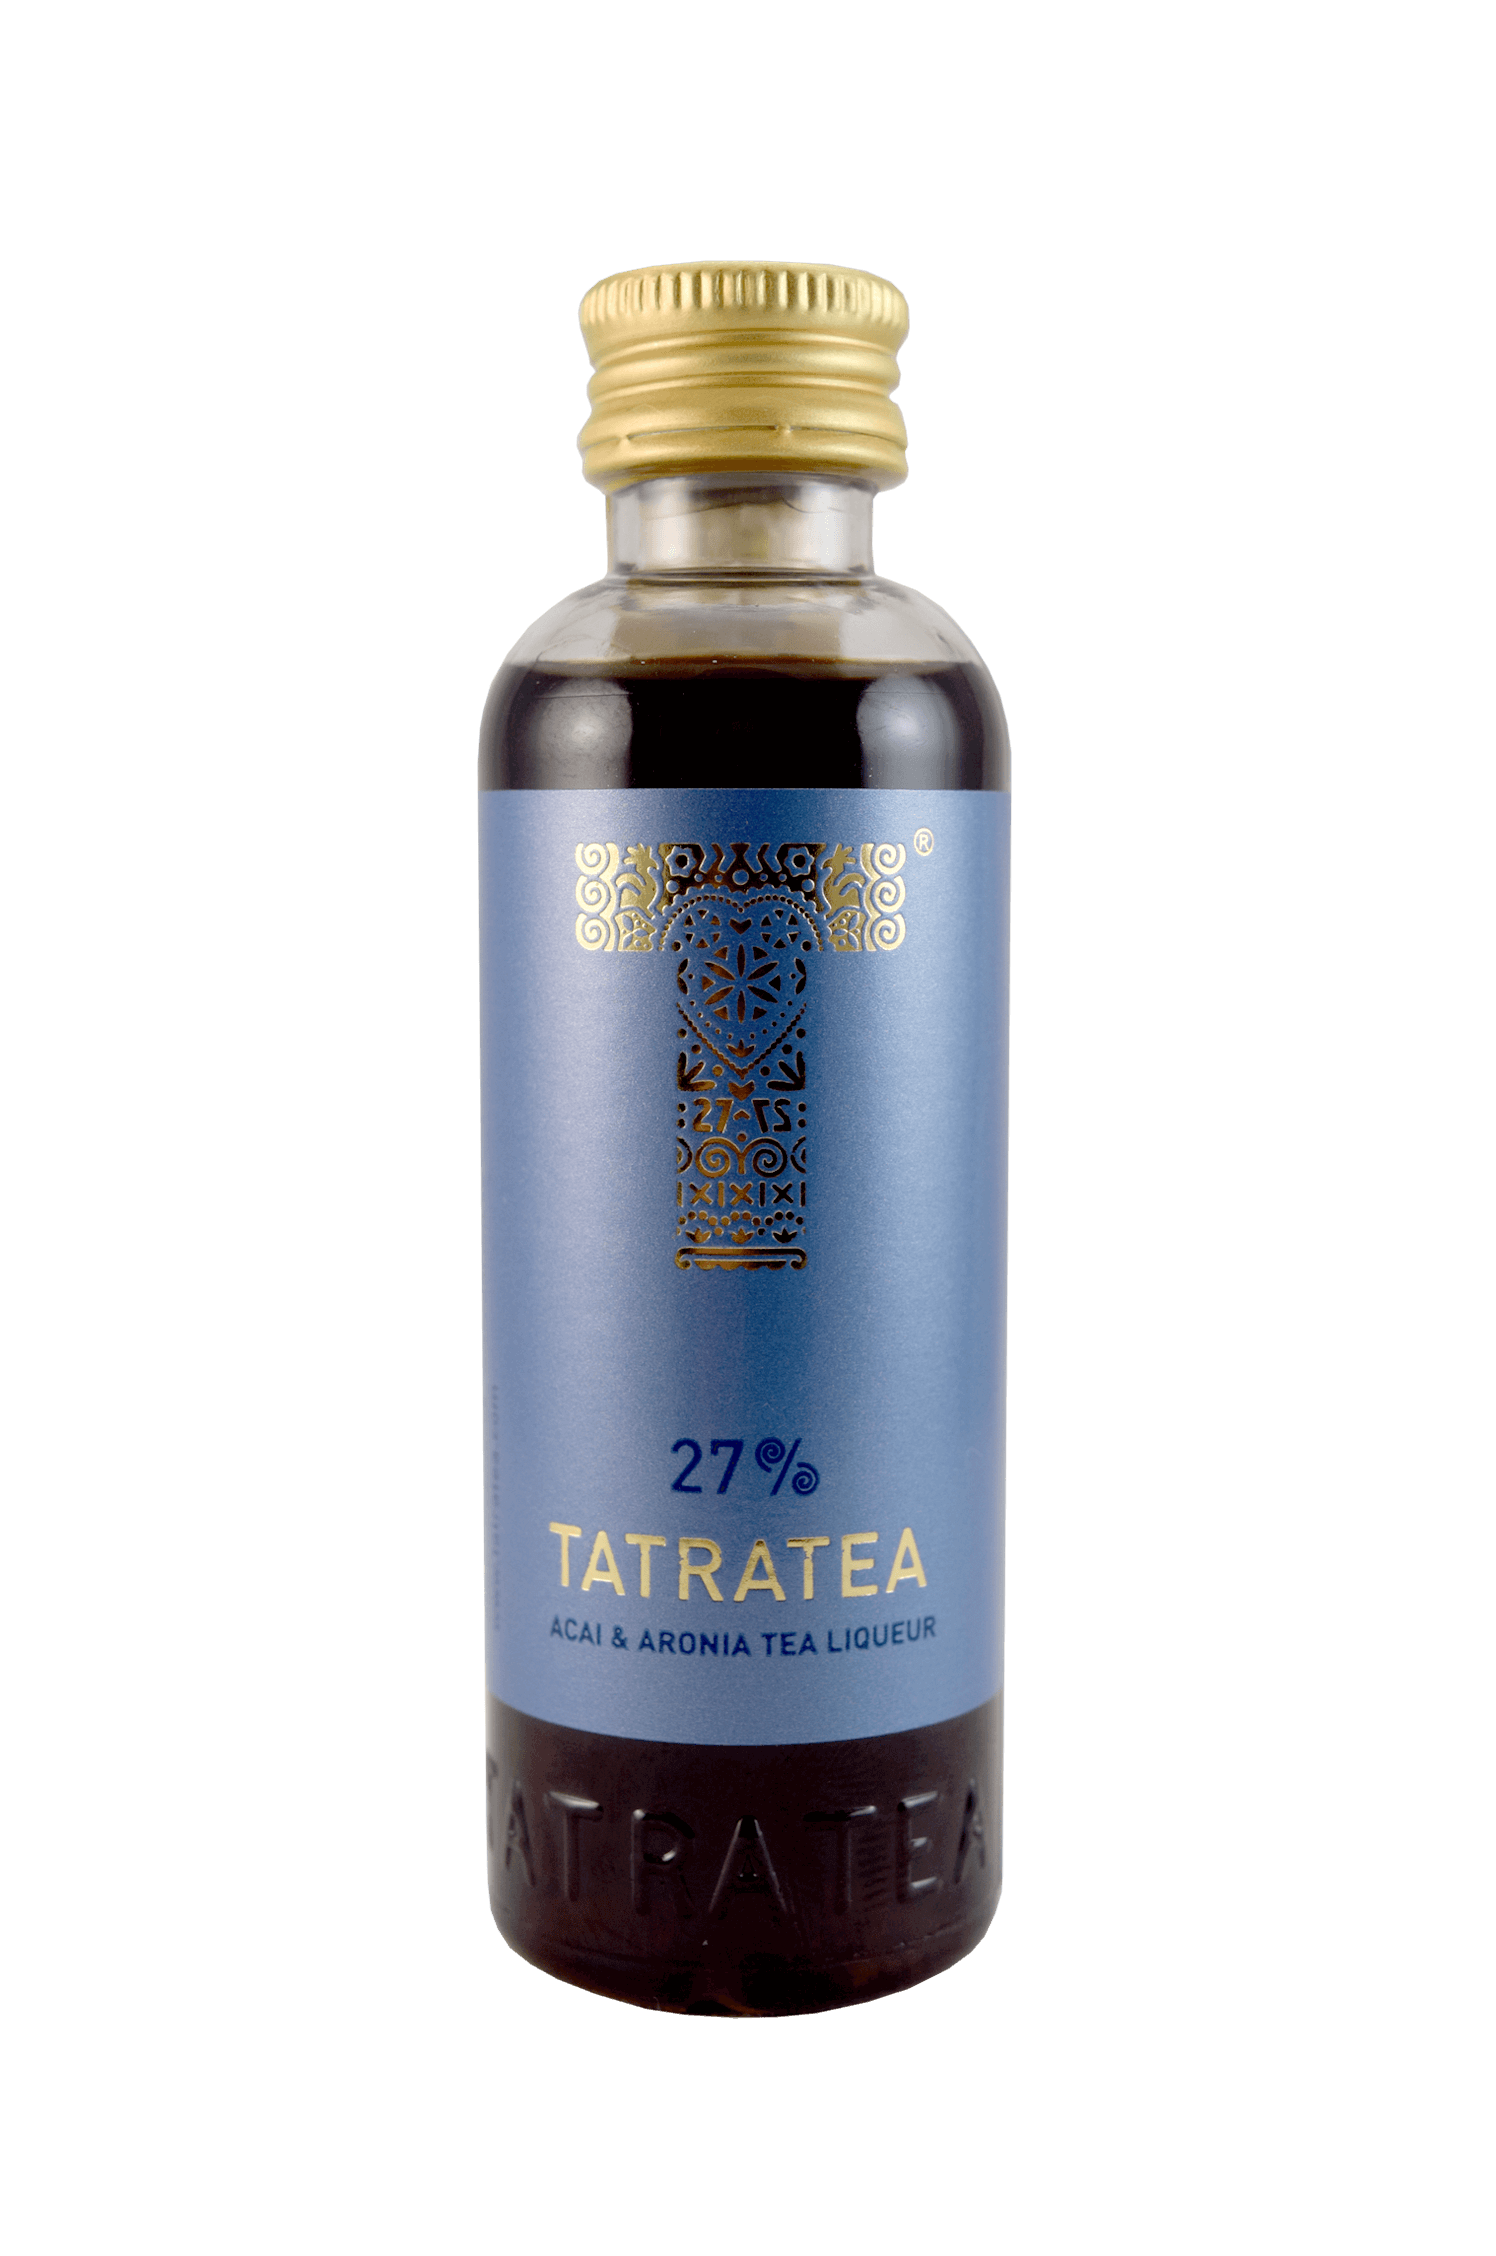 Tatratea Acai & Aronia Tea Liqueur